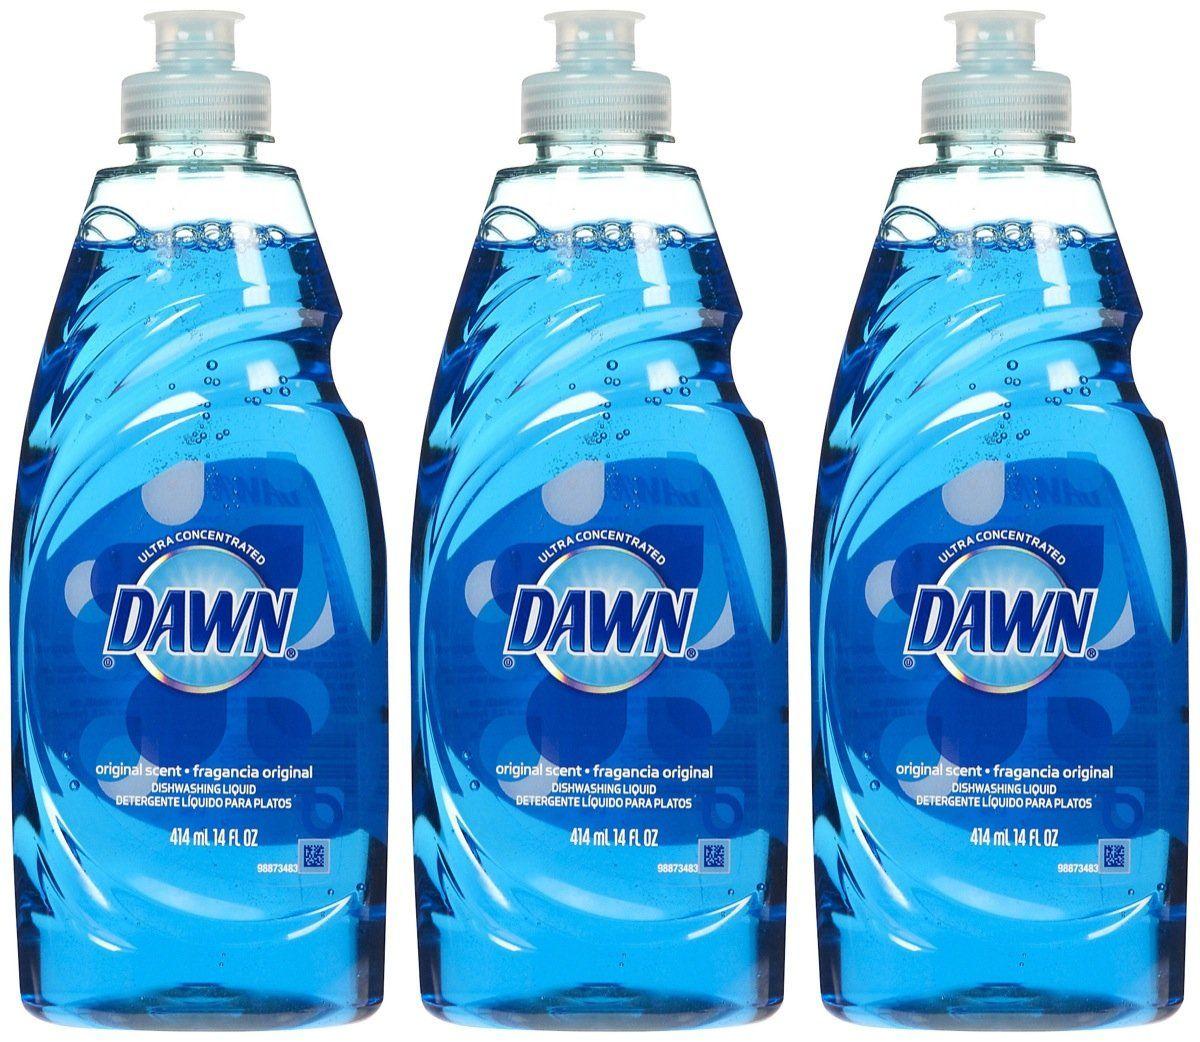 Can You Wash Your Dog With Dawn Dish Detergent Go Green With Dawn Dishwashing Liquid Diy Dog Shampoo Dog Shampoo Dry Dog Shampoo